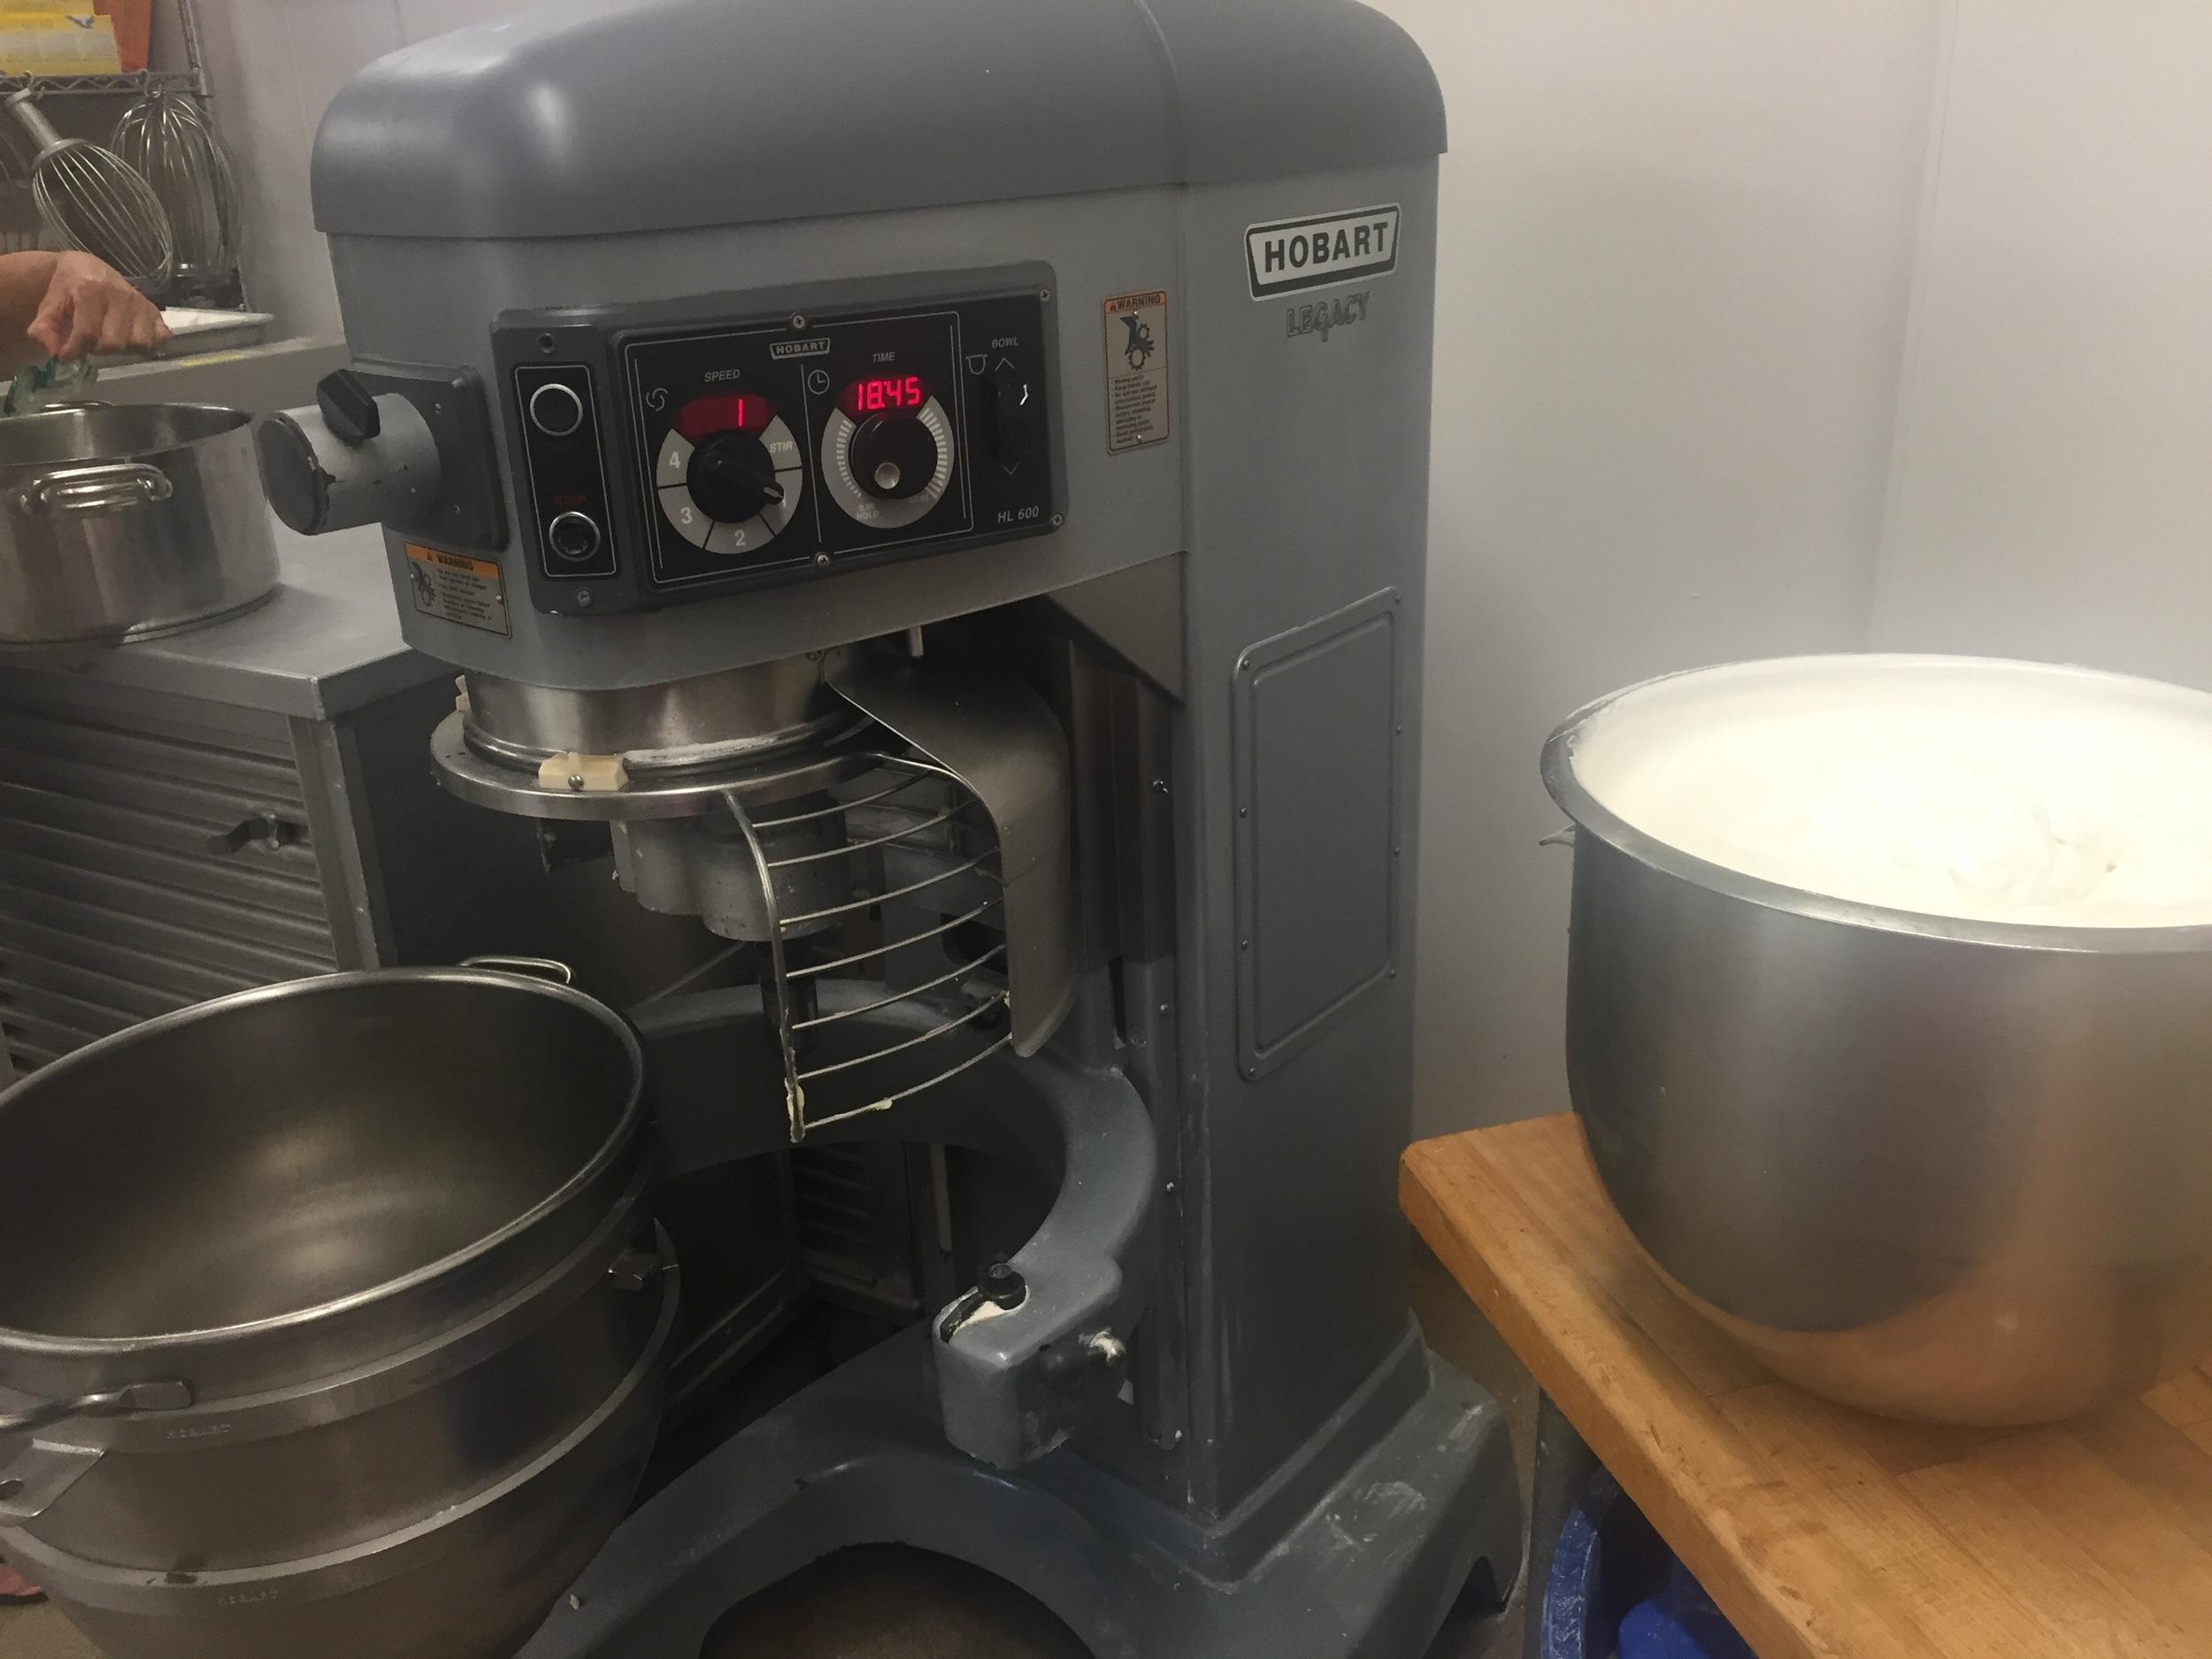 Finally found a mixer big enough for the job!